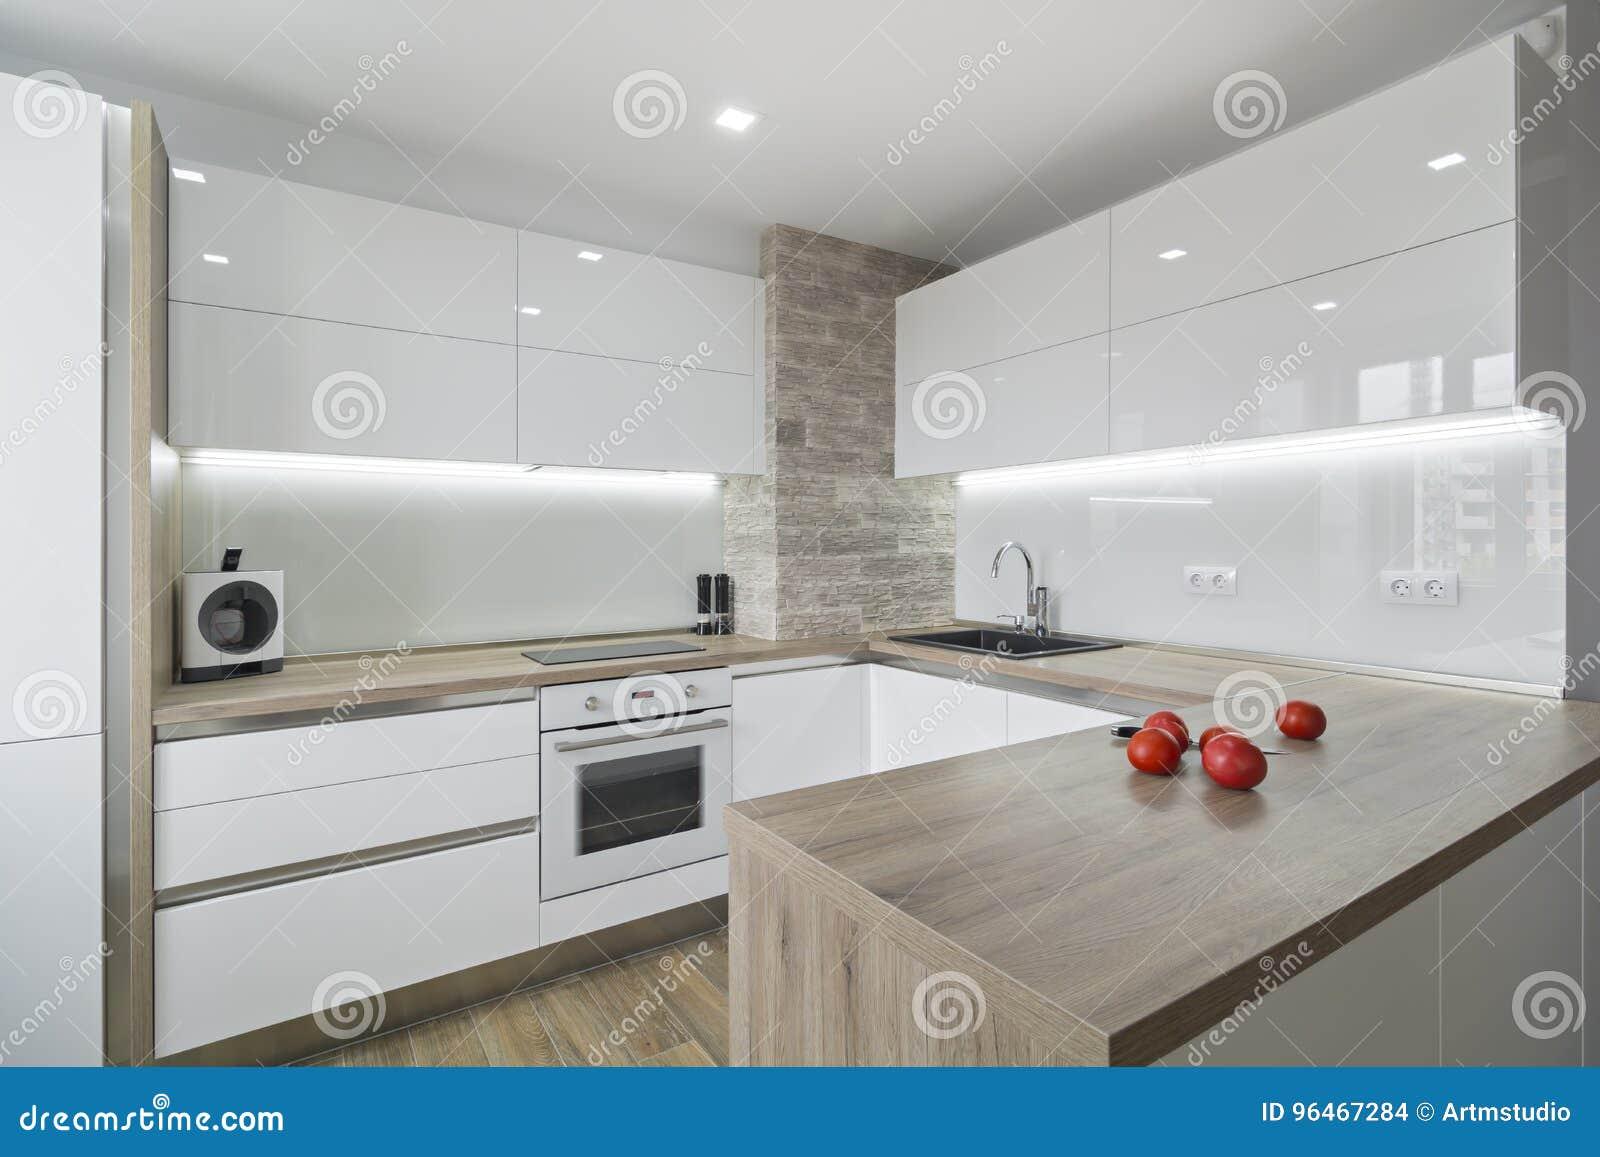 Cuisine Blanche Moderne Et Lumineuse Avec Une Conception Simple